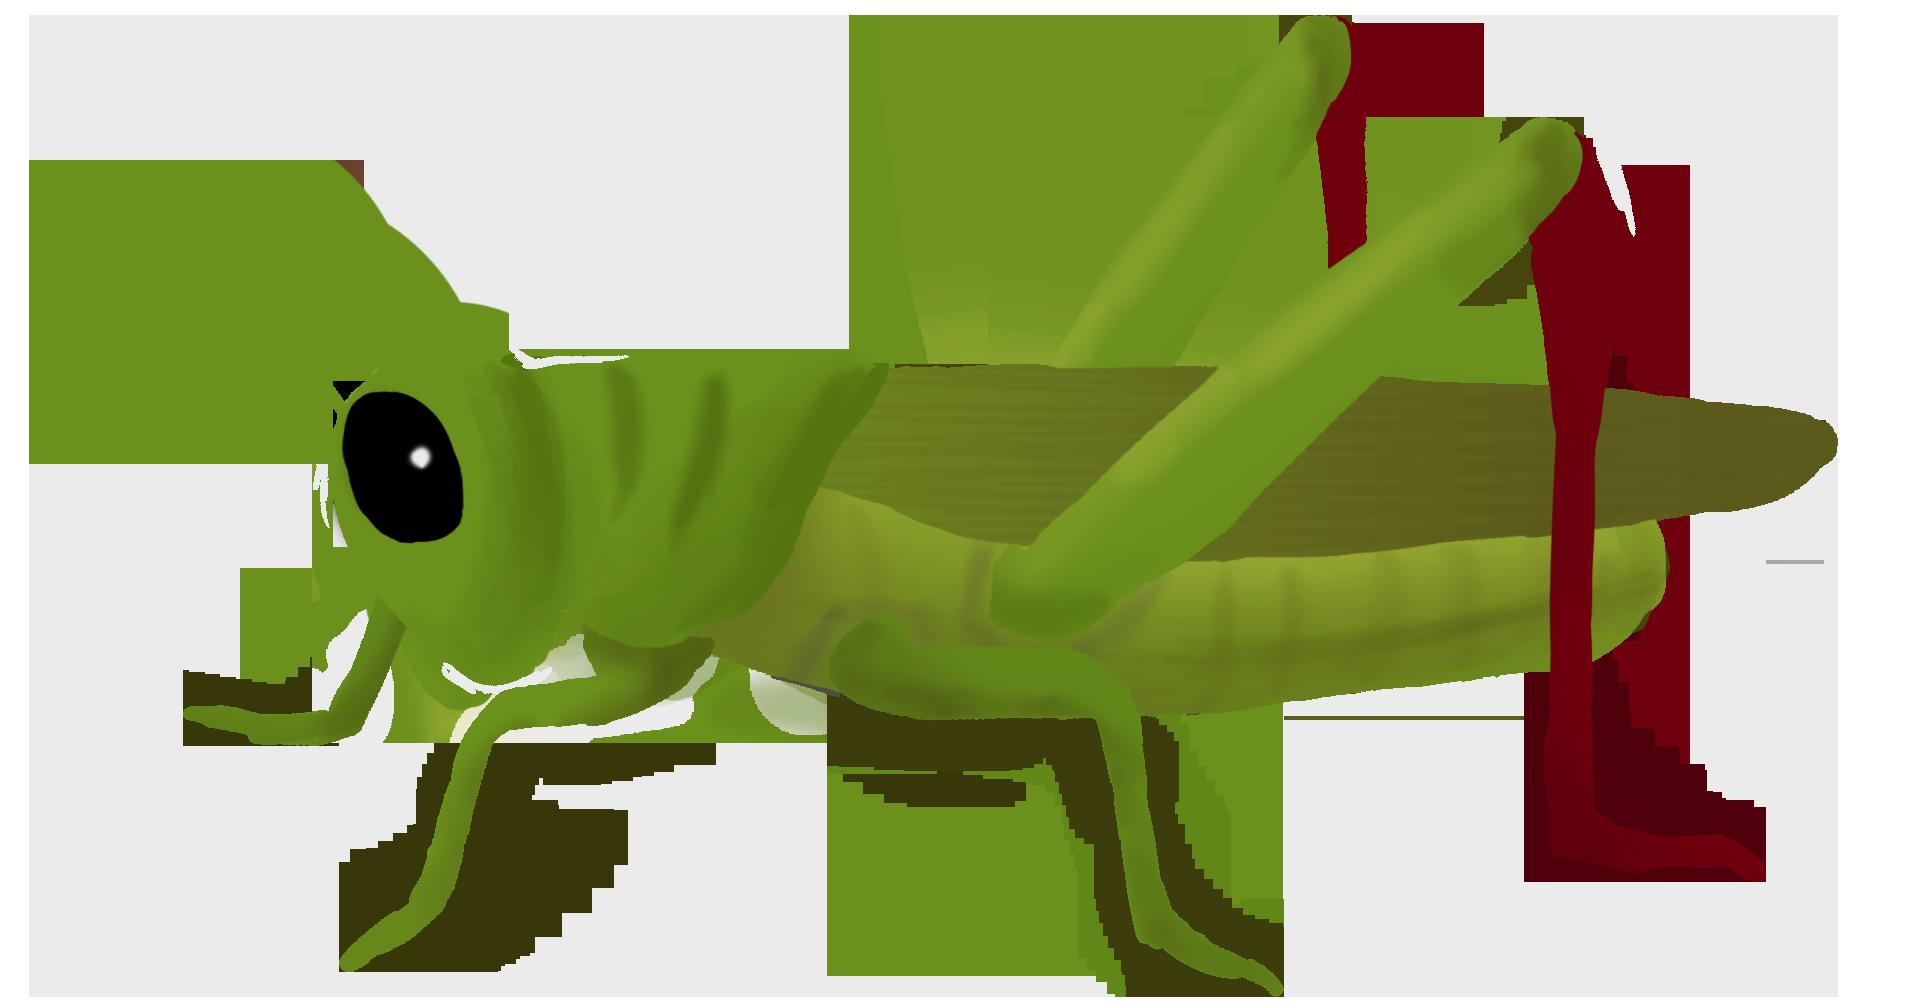 jpg freeuse download Grasshopper clipart border. Png mart